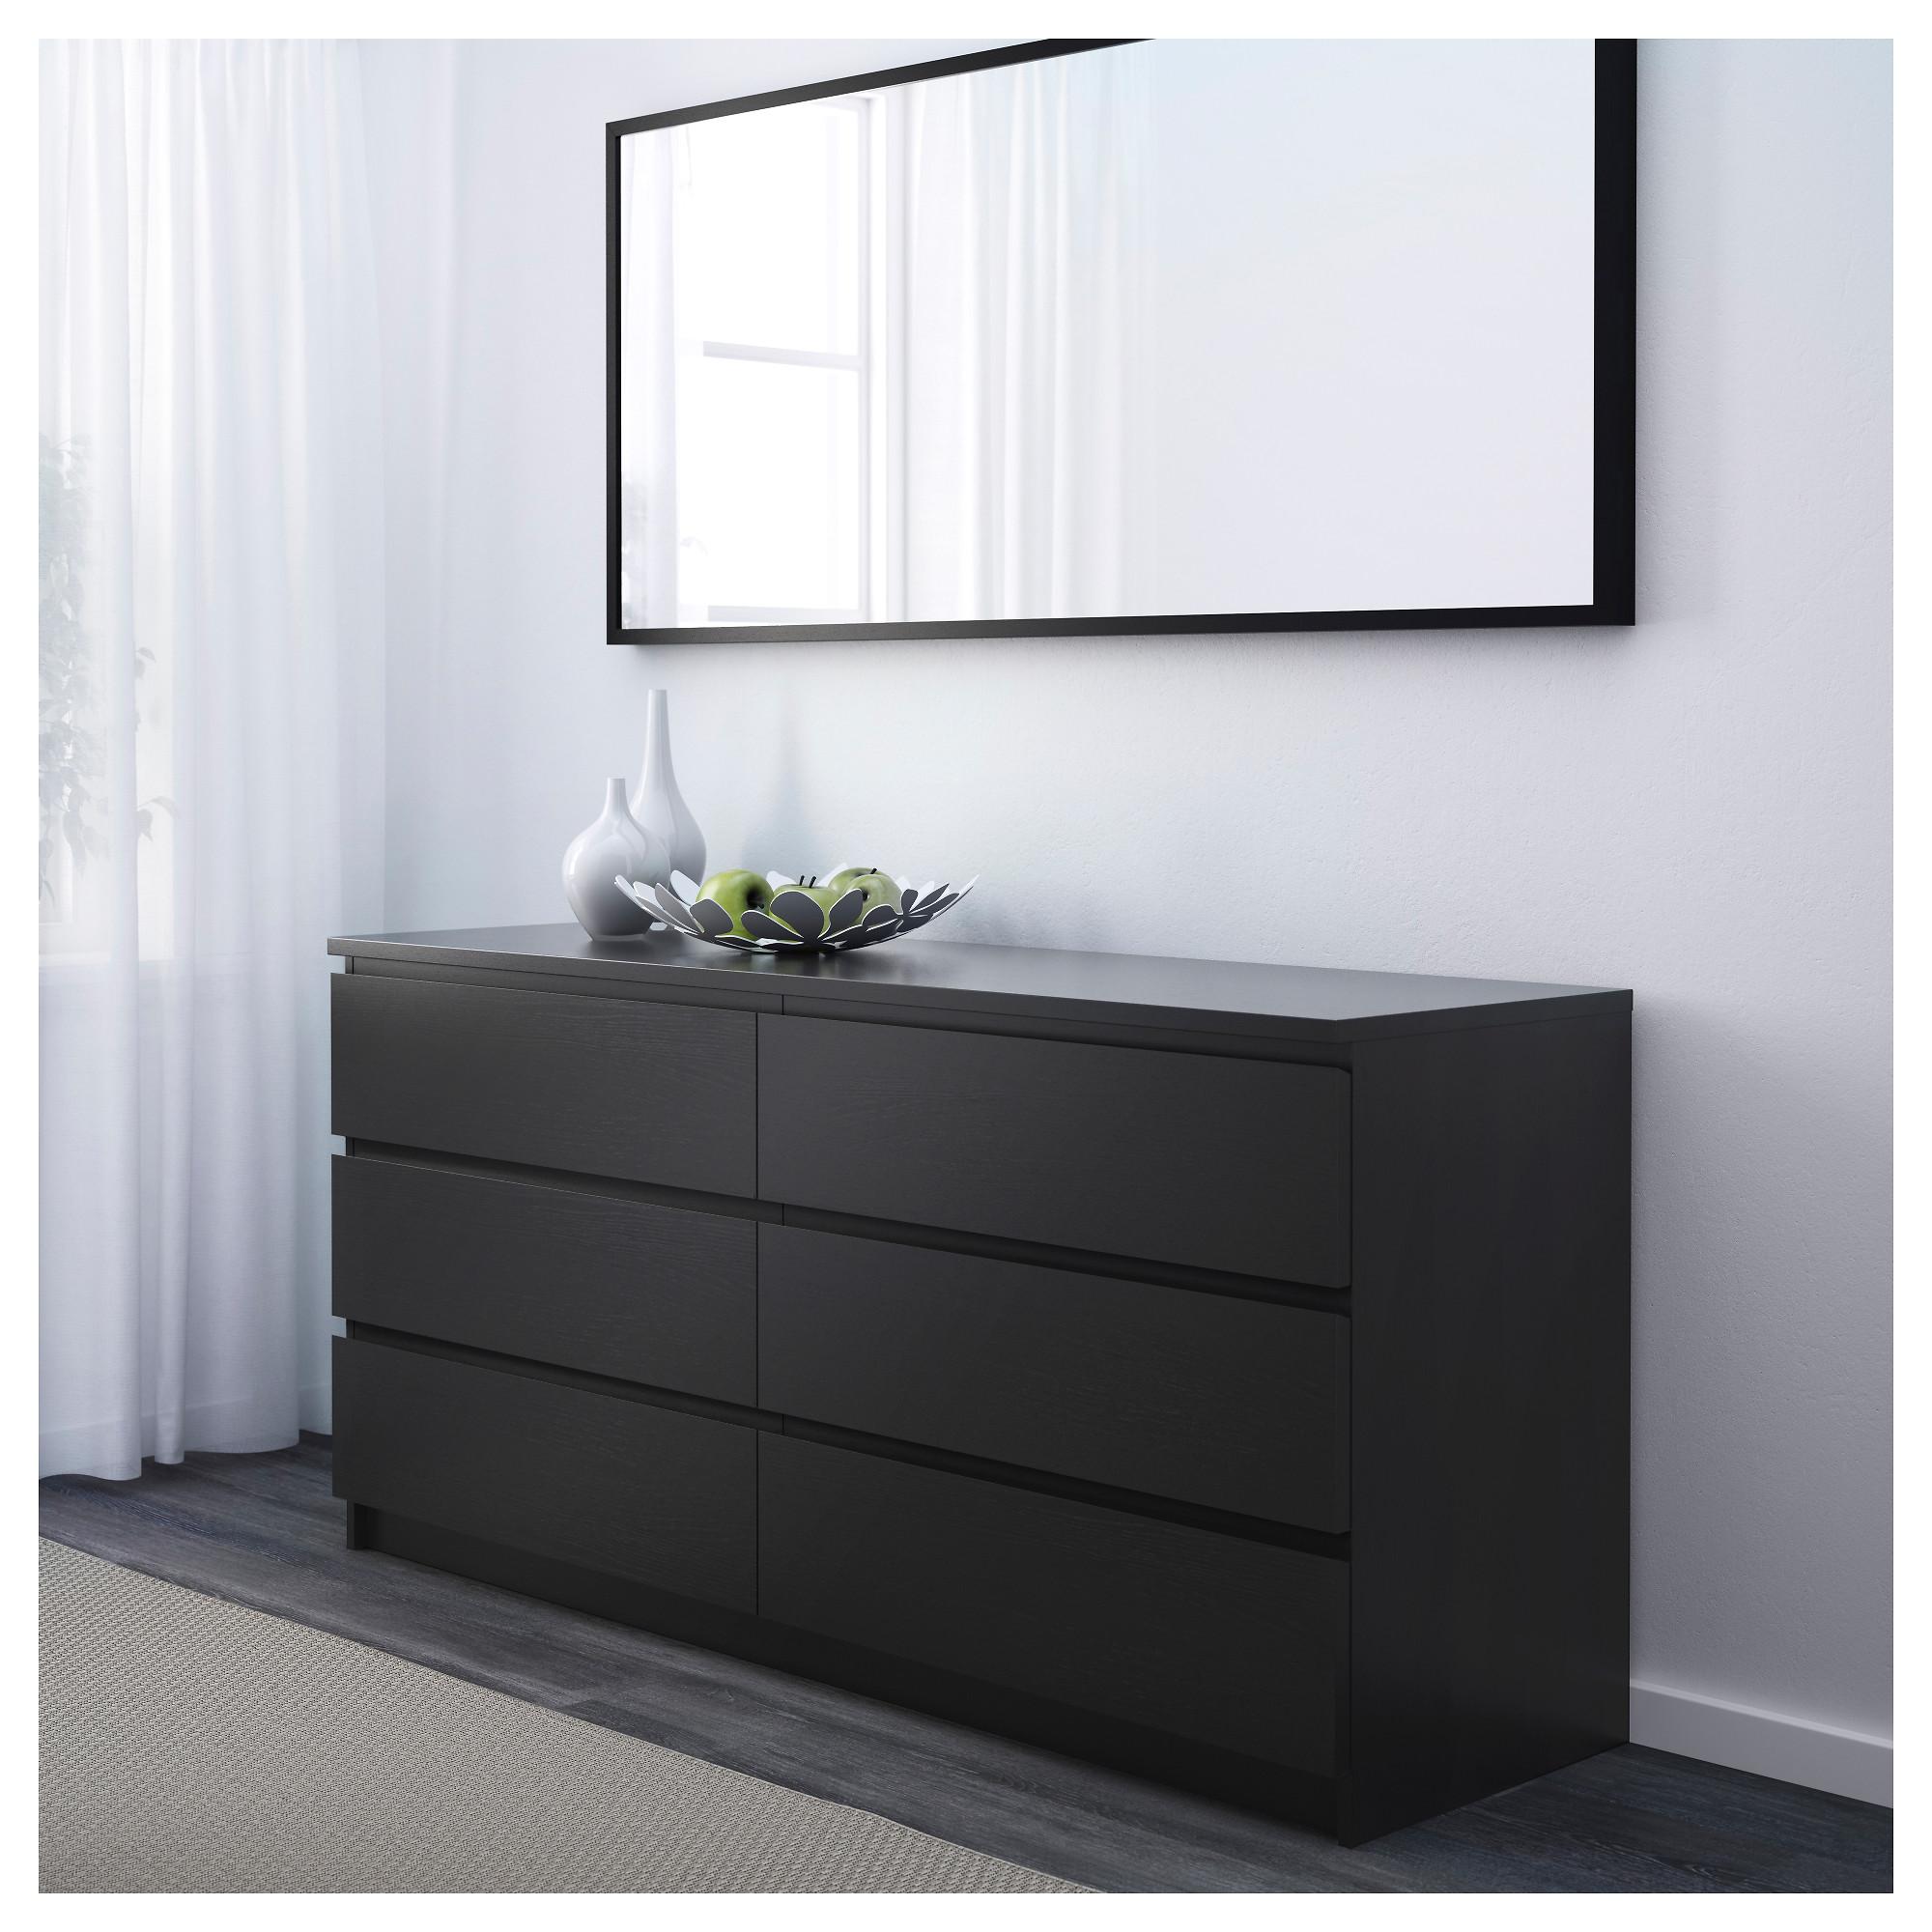 IKEA Latvia - Мебель, освещение и многое другое для ...